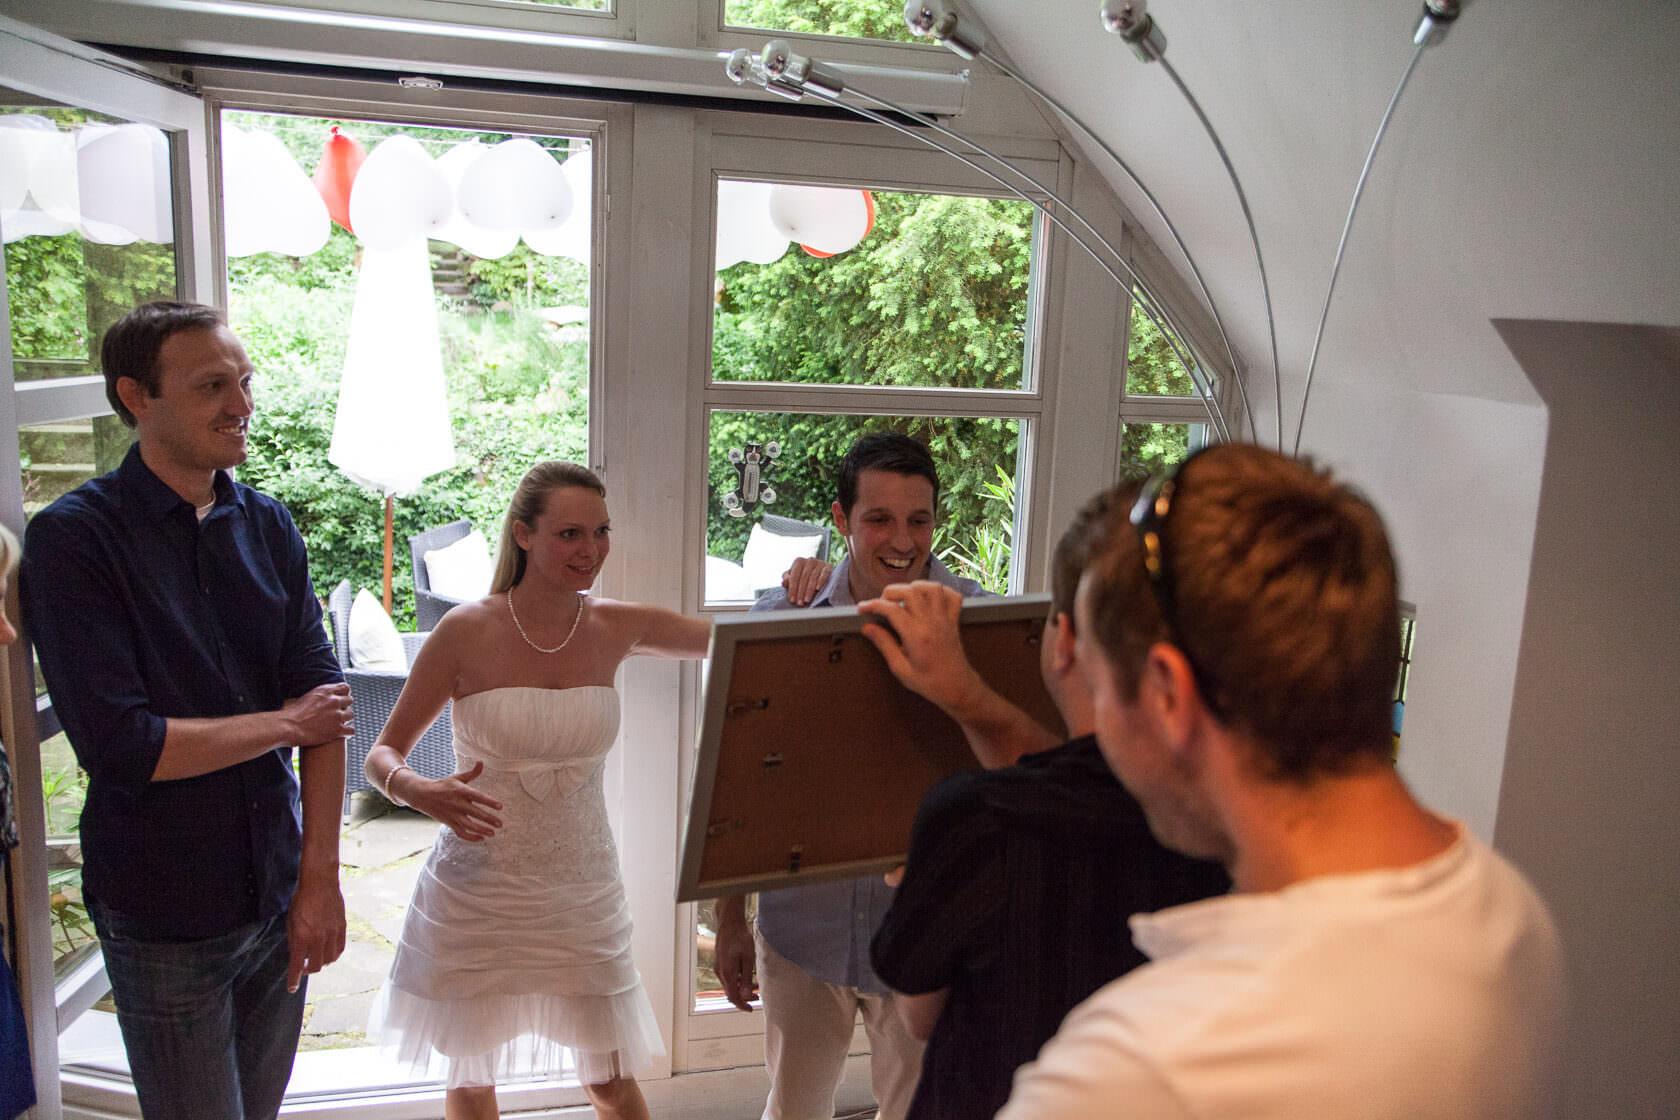 Hochzeitsreportage in Marburg von Sar66ah & Johann - 066